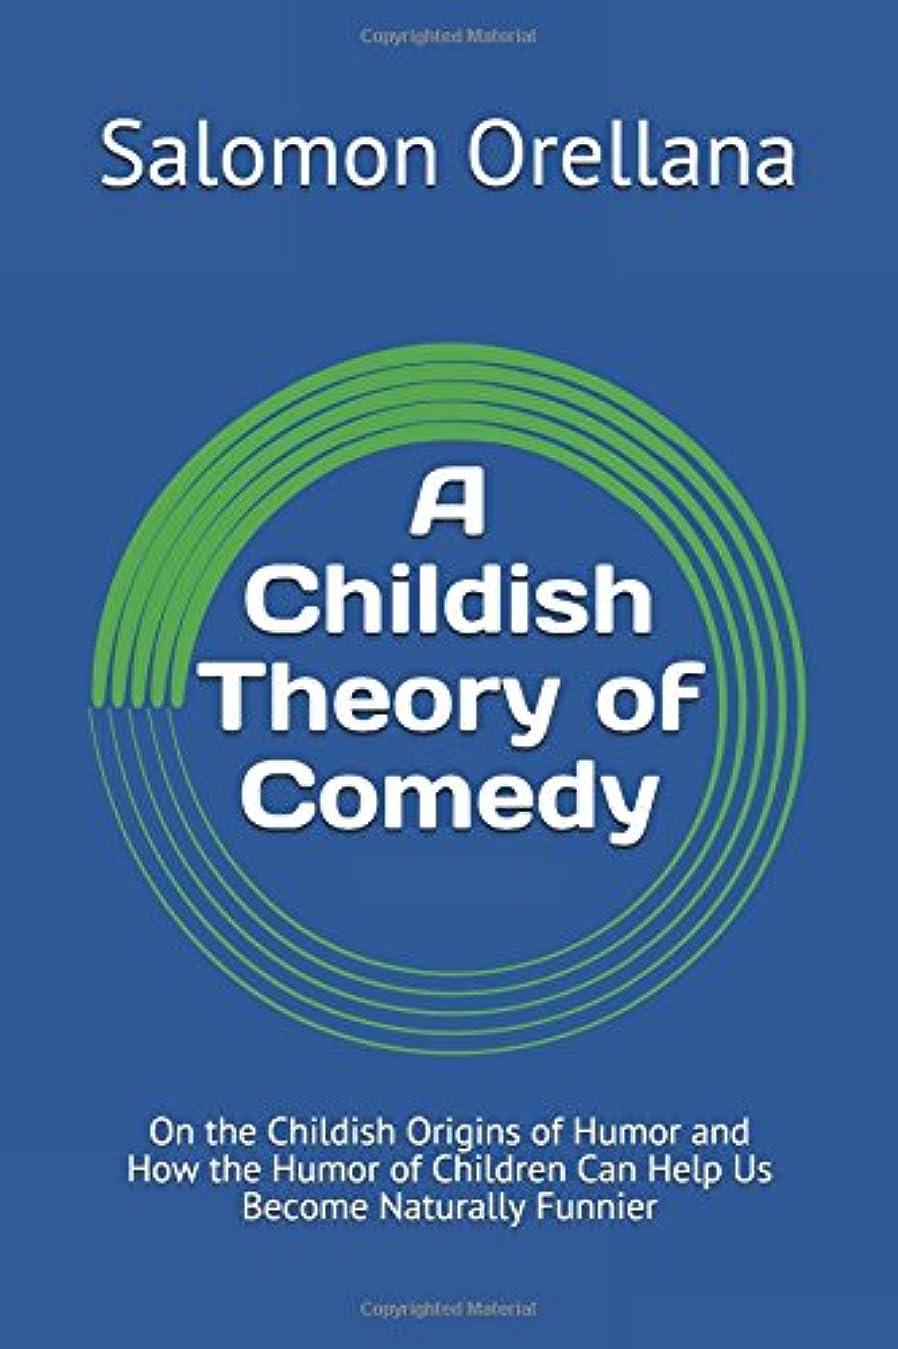 やる輸送砂漠A Childish Theory of Comedy: On the Childish Origins of Humor and How the Humor of Children Can Help Us Become Naturally Funnier